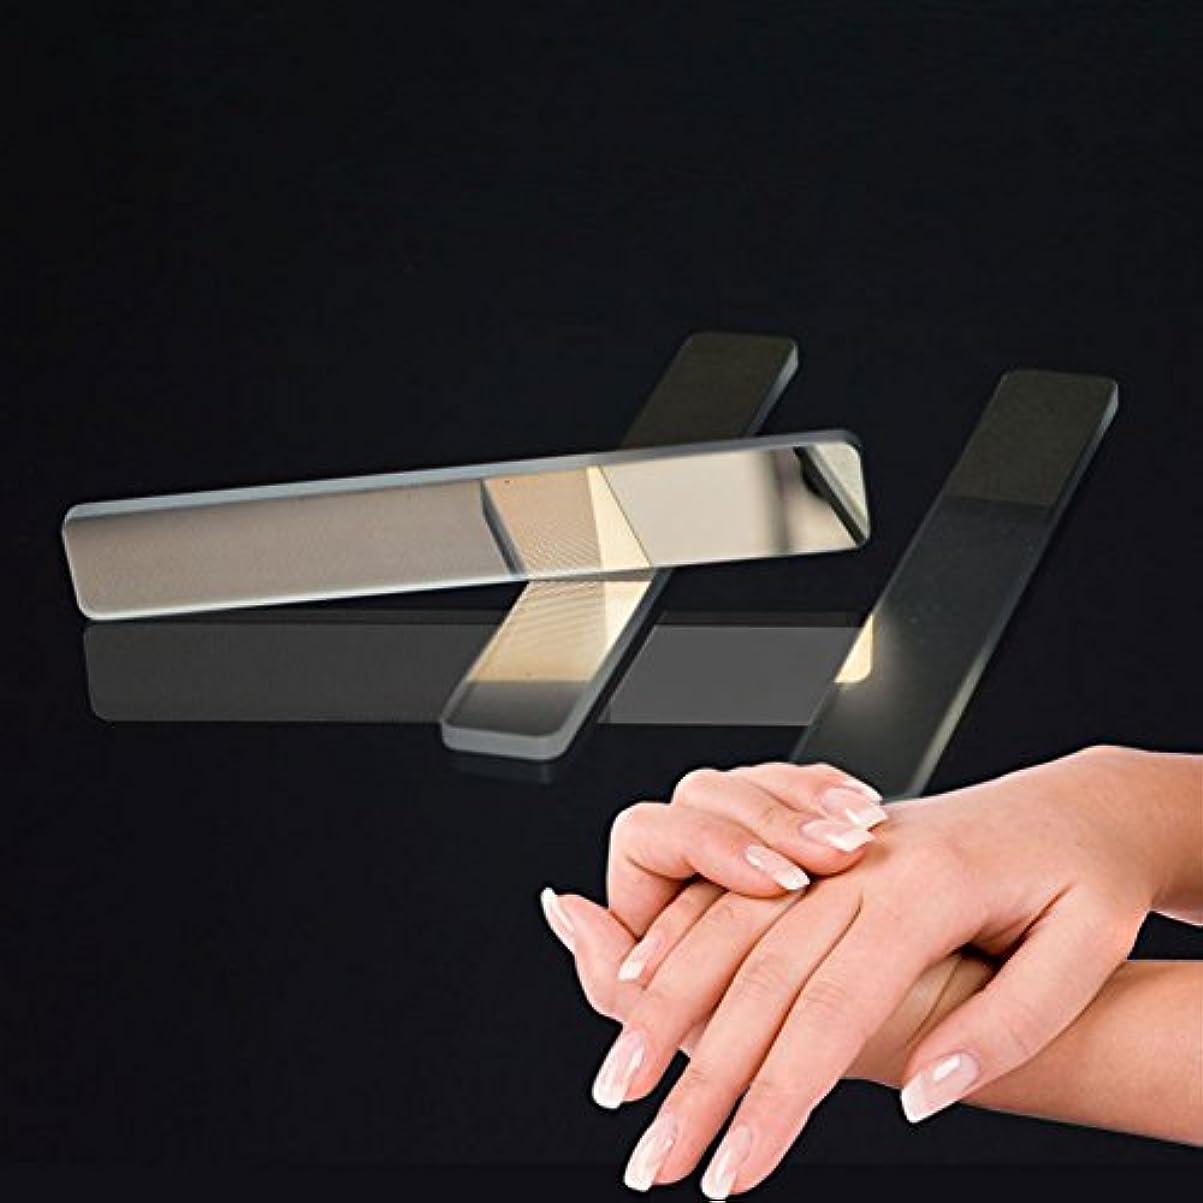 周り成長する弾力性のある爪やすり WUUDI 爪磨き ガラス爪ヤスリ ネイルファイル ネイルシャイナー つめケア ガラス製 ネイルケア 甘皮処理 (白)